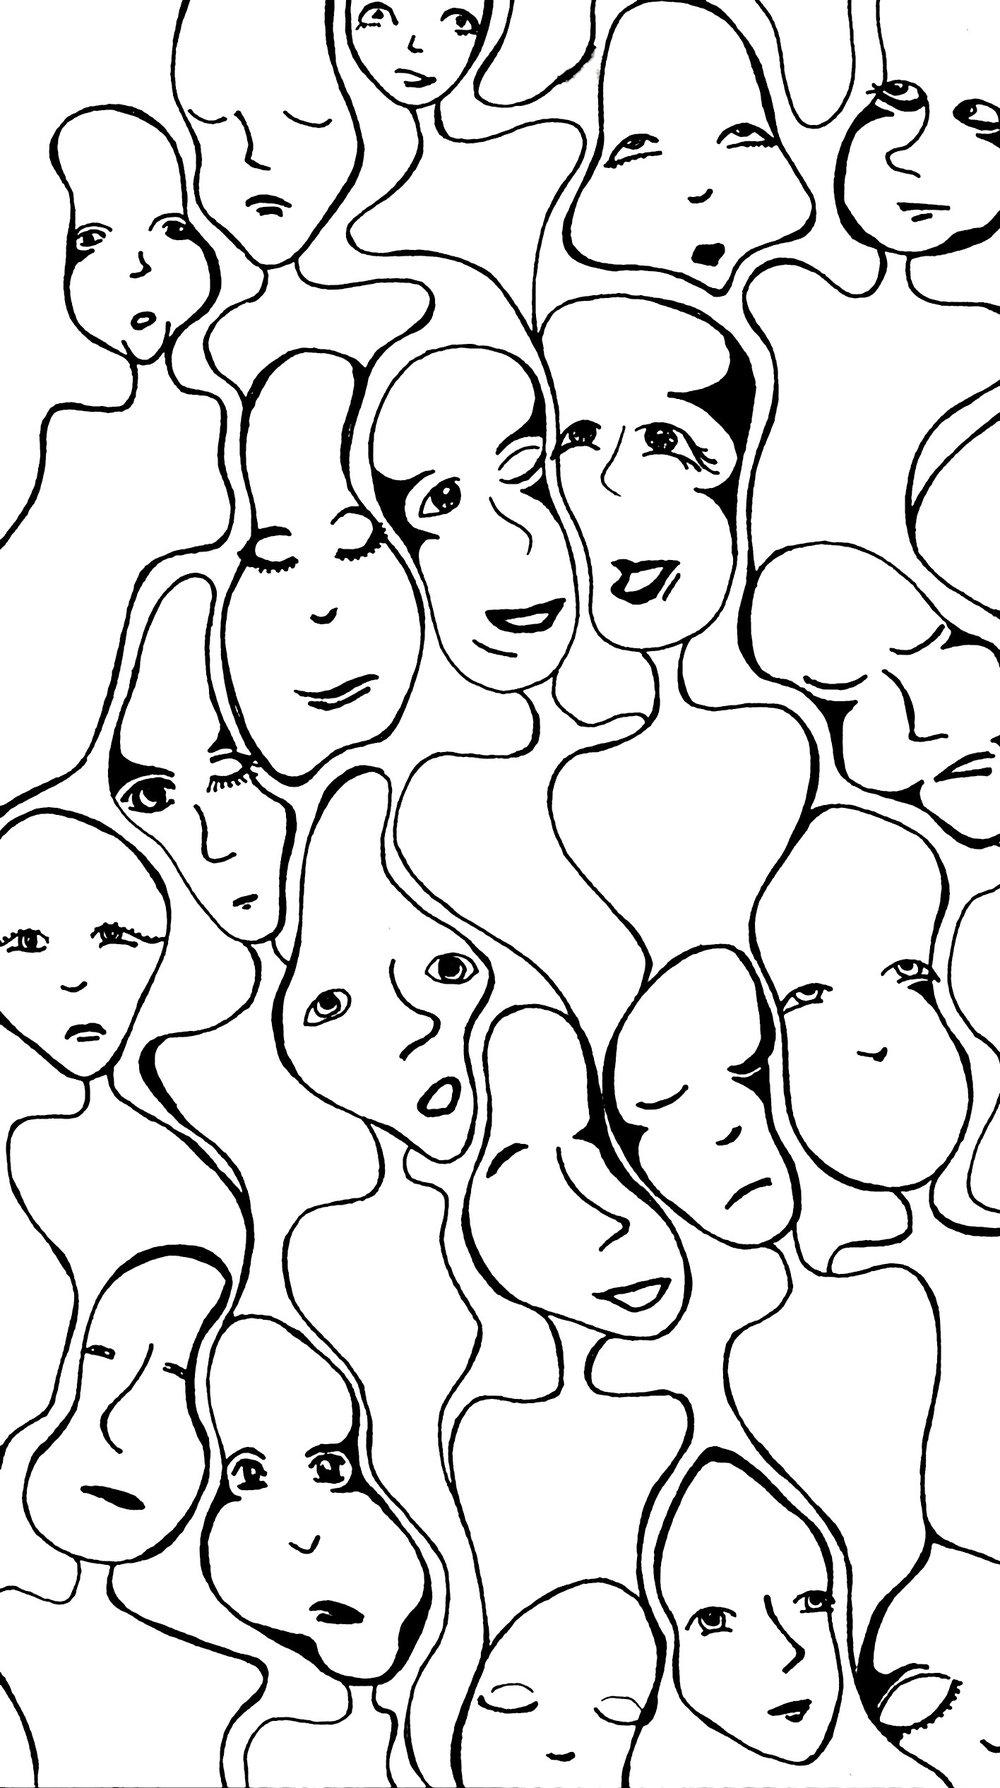 Faces_Bodies-1(1).jpg